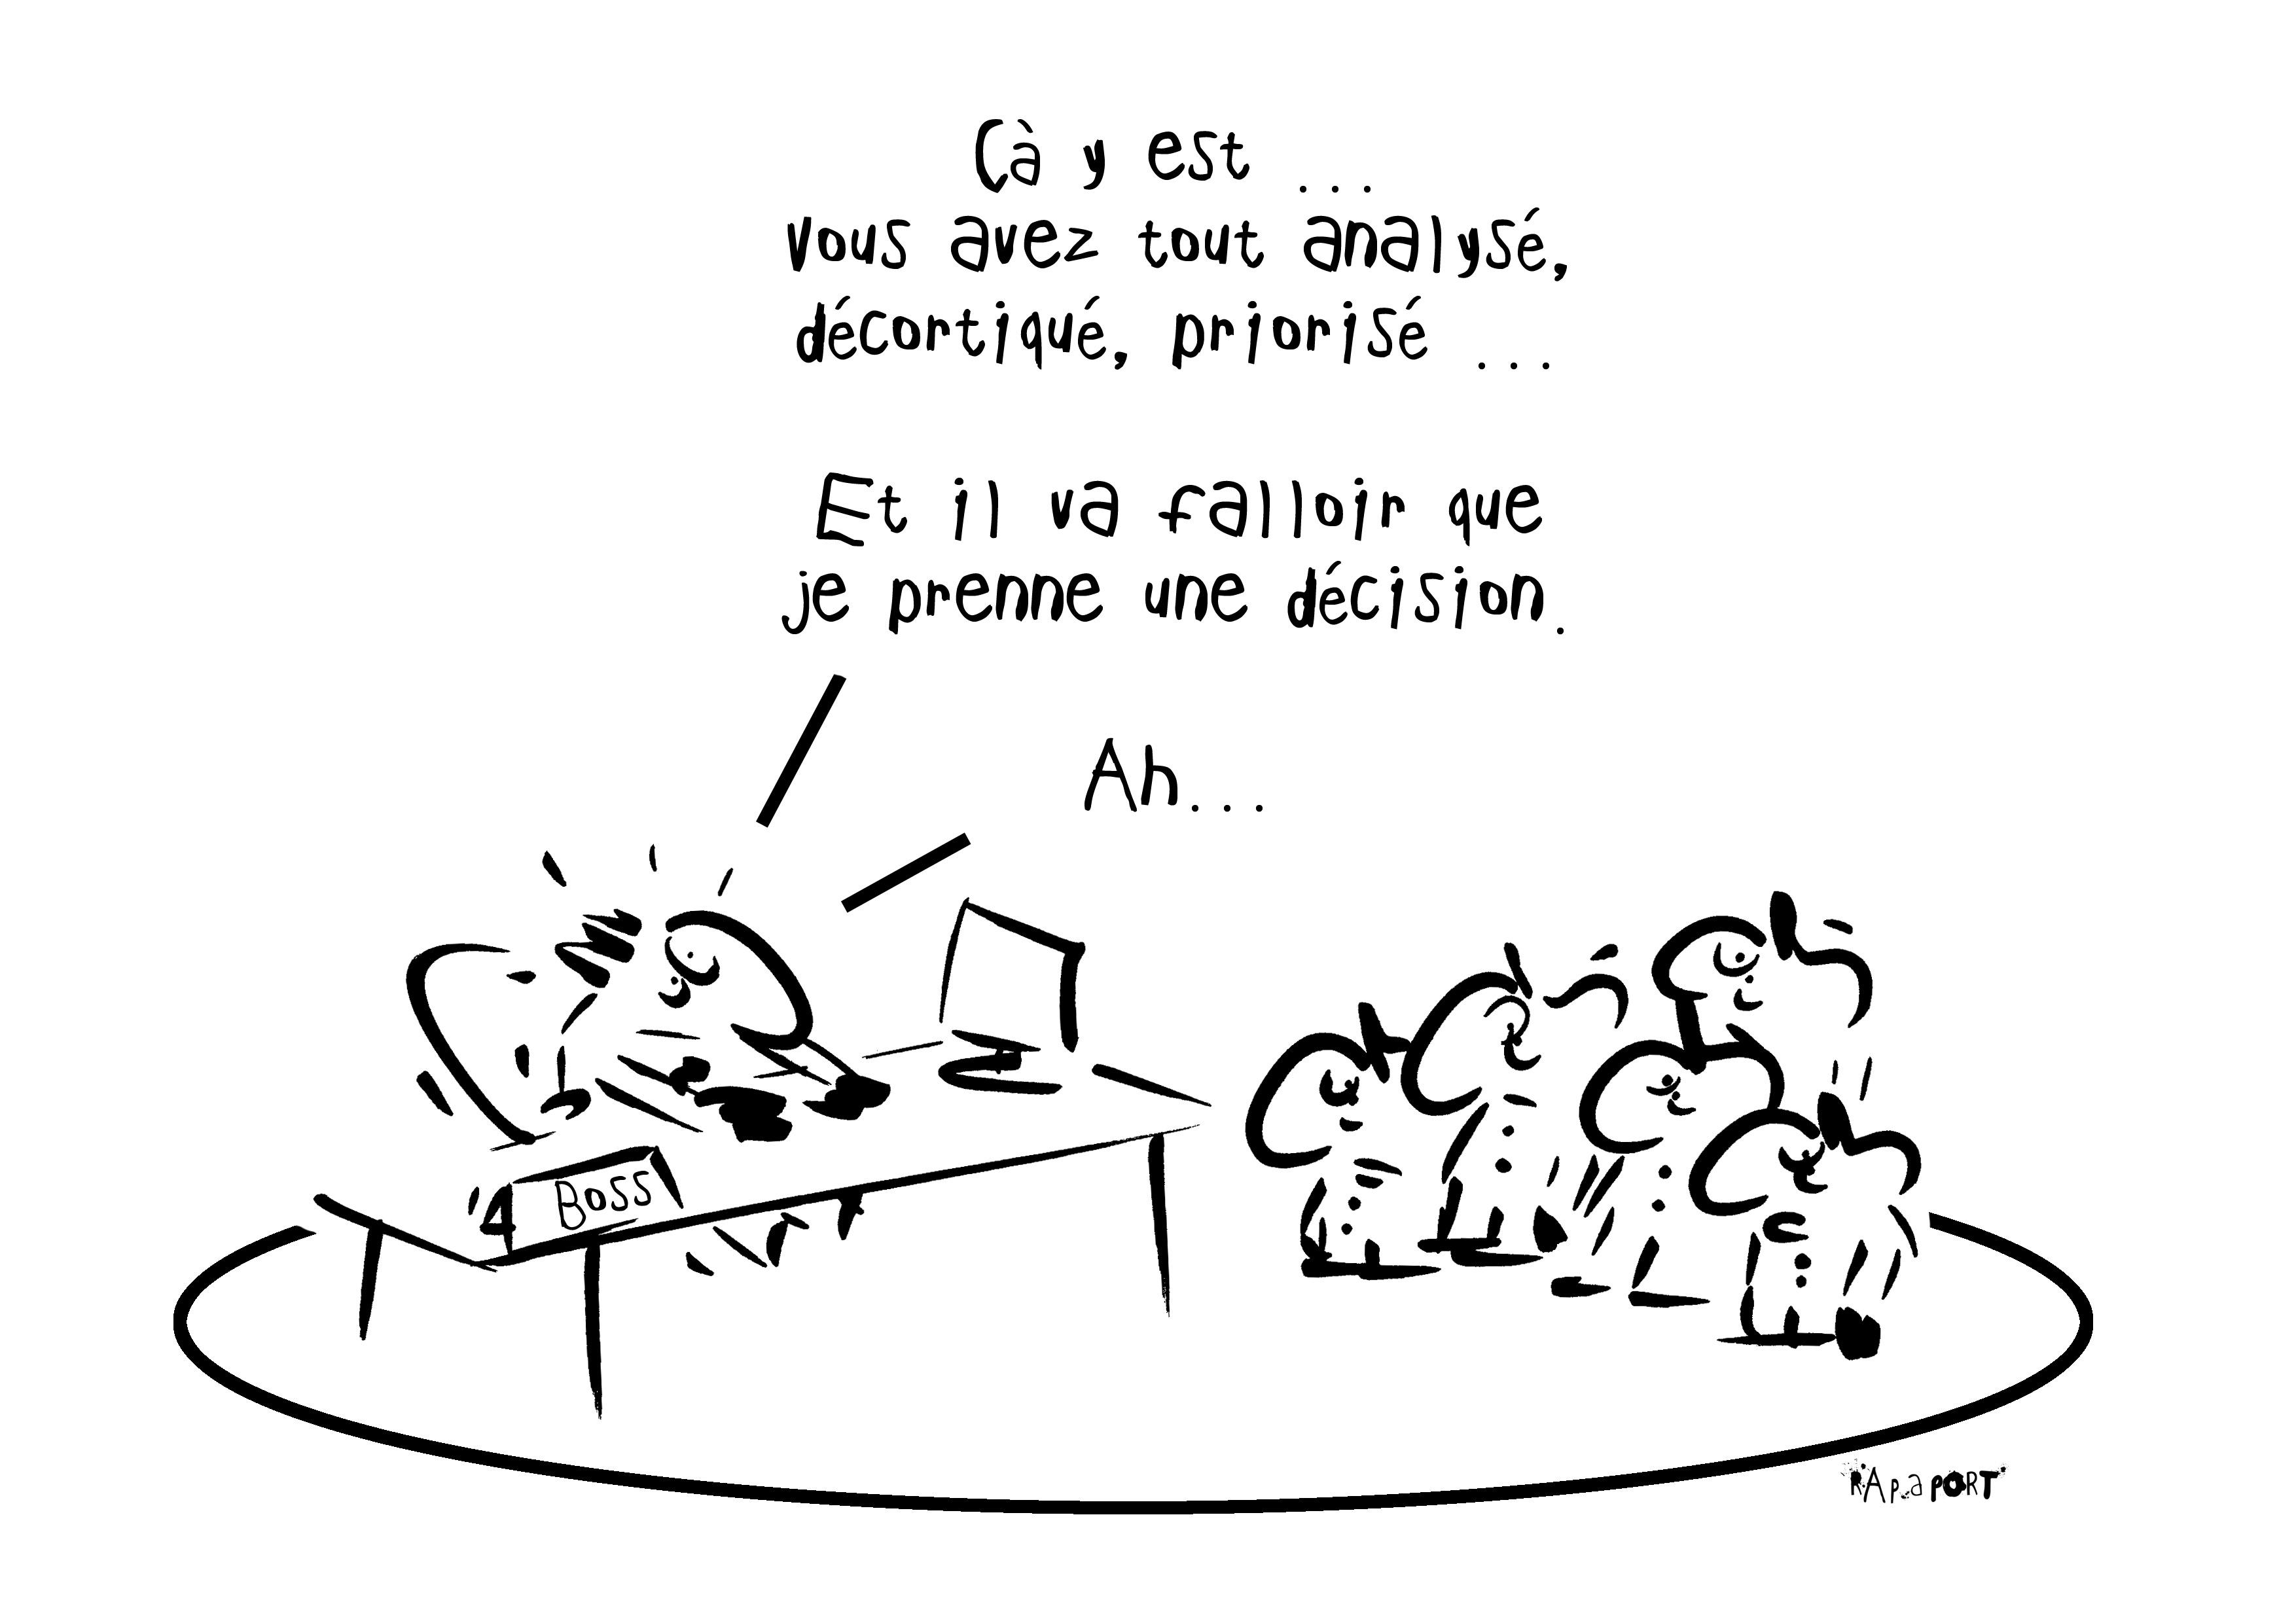 RAPAPORT:PRÉVENTION SÉCURITÉ61